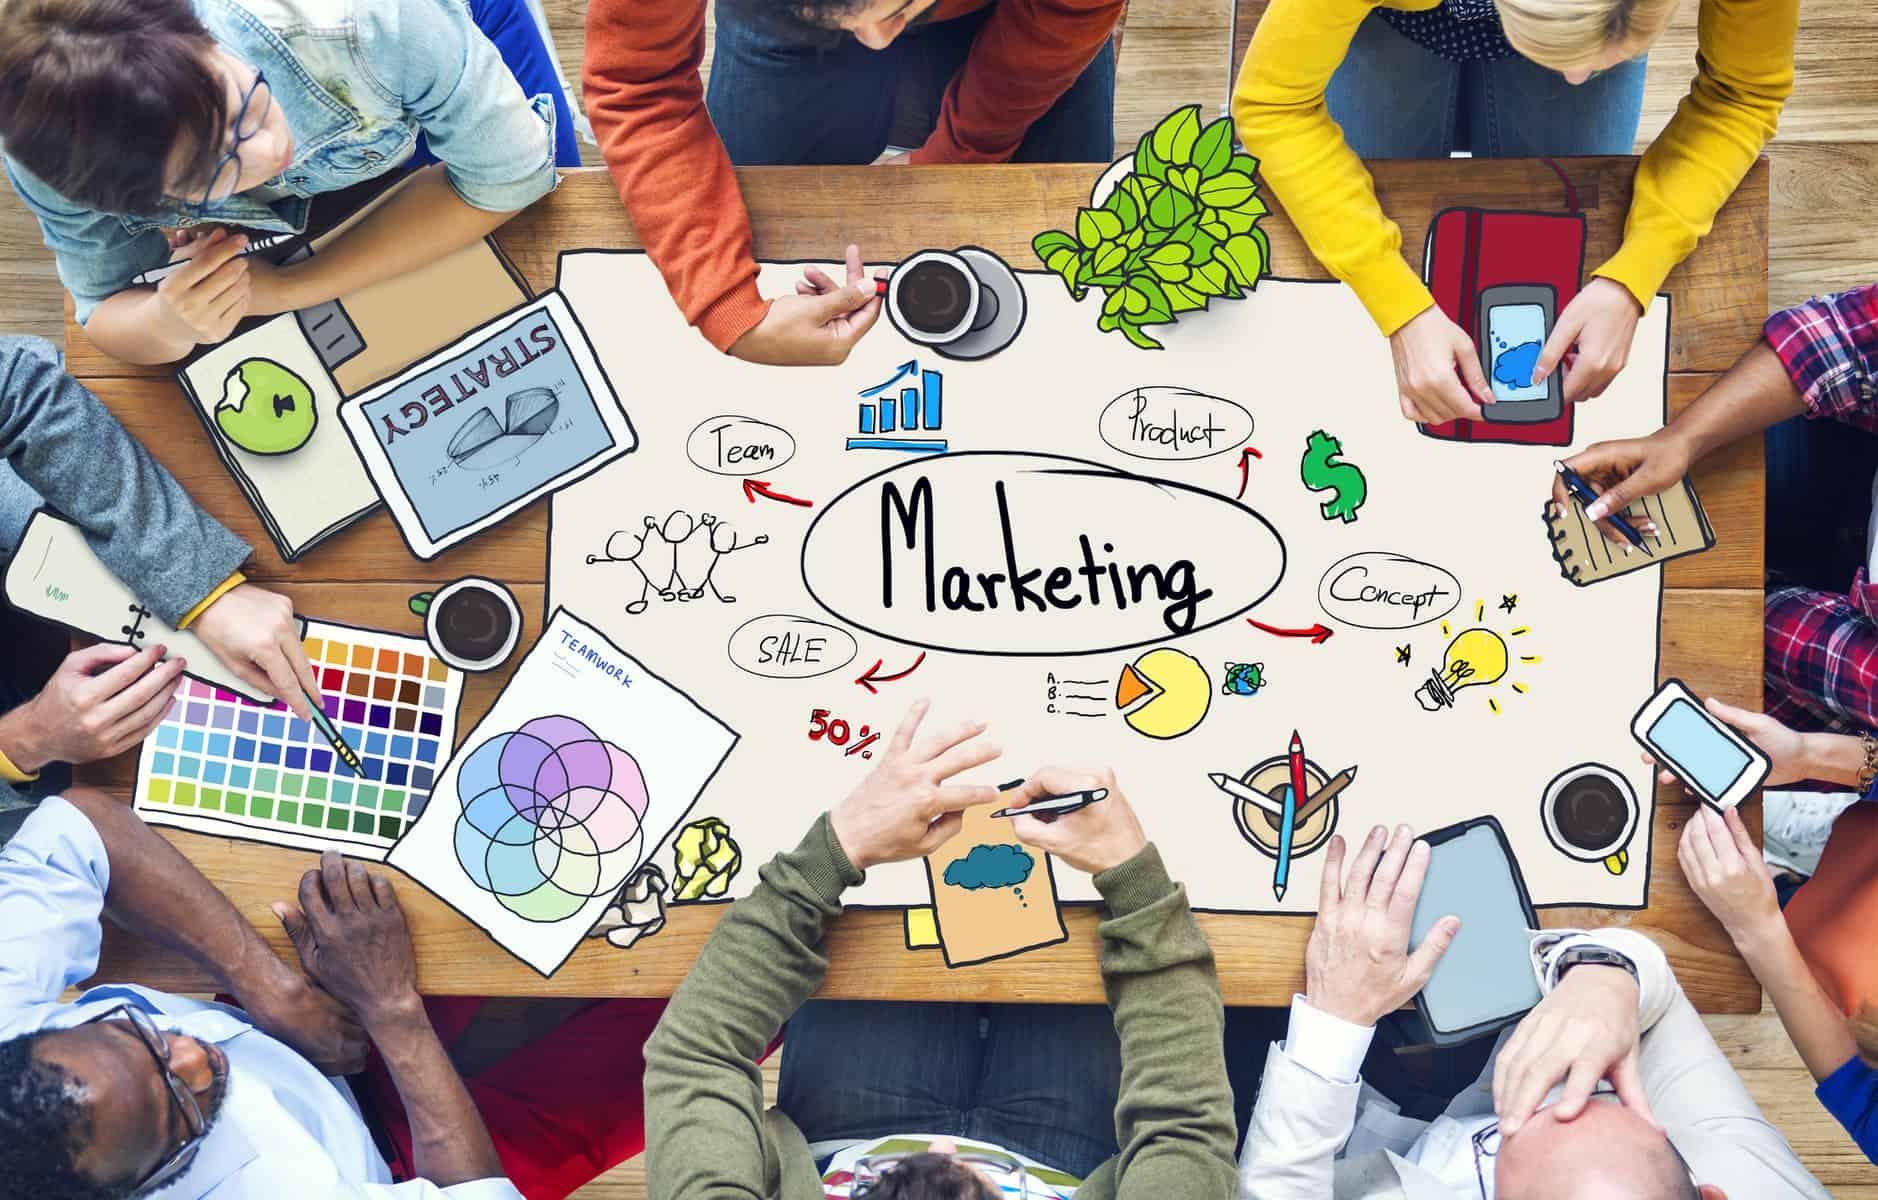 Marketing Hacks for Entrepreneurs